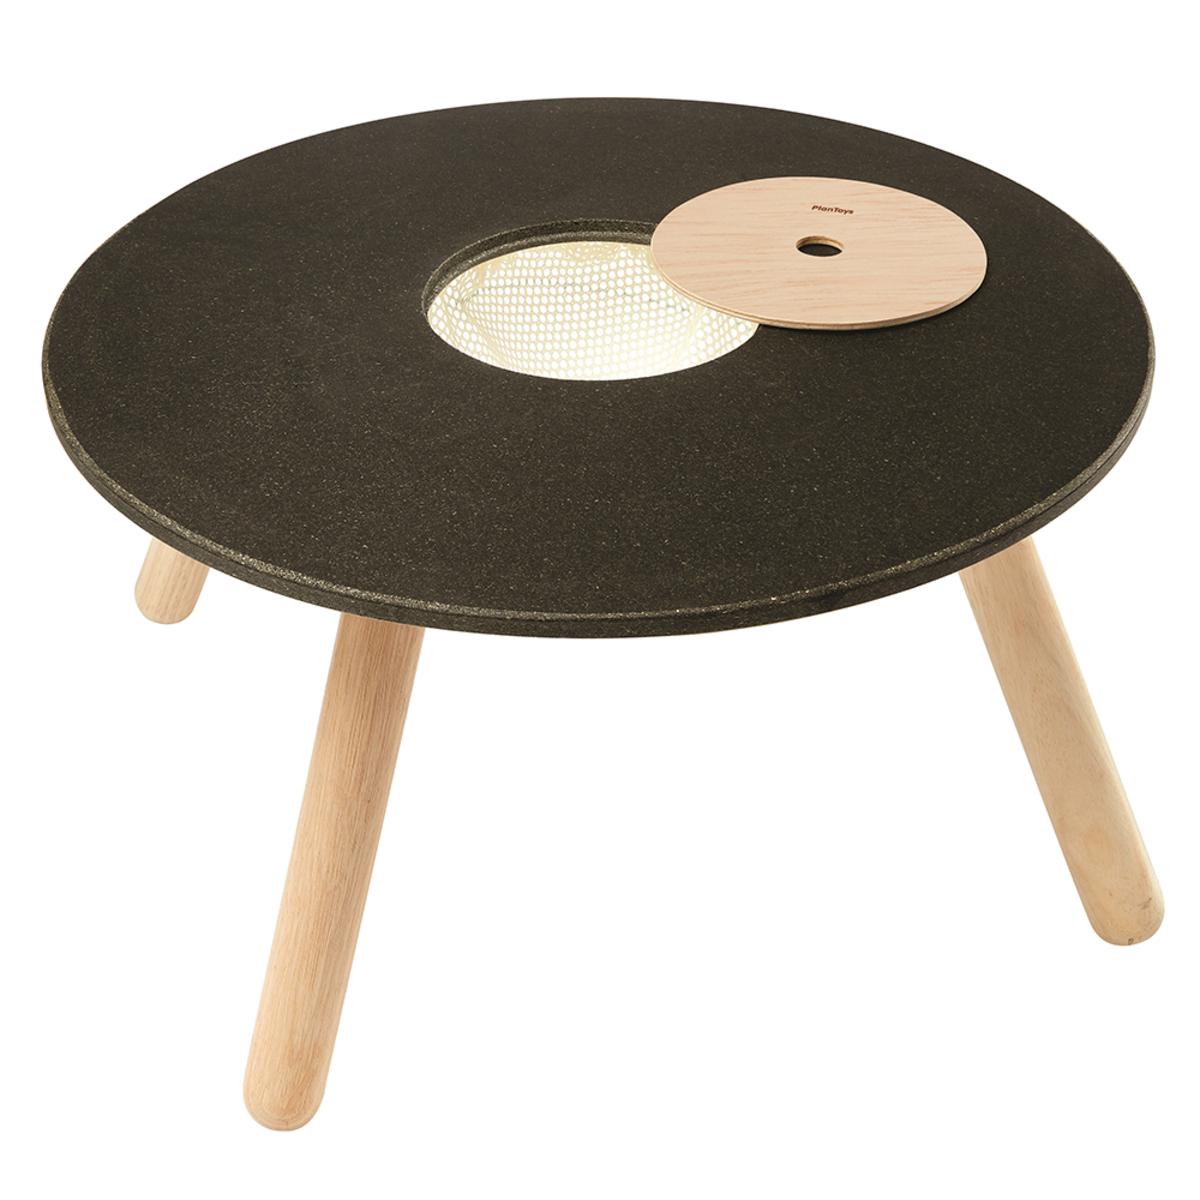 Table & Chaise Table de Jeux et Rangement - Naturel et Noir Table de Jeux et Rangement - Naturel et Noir